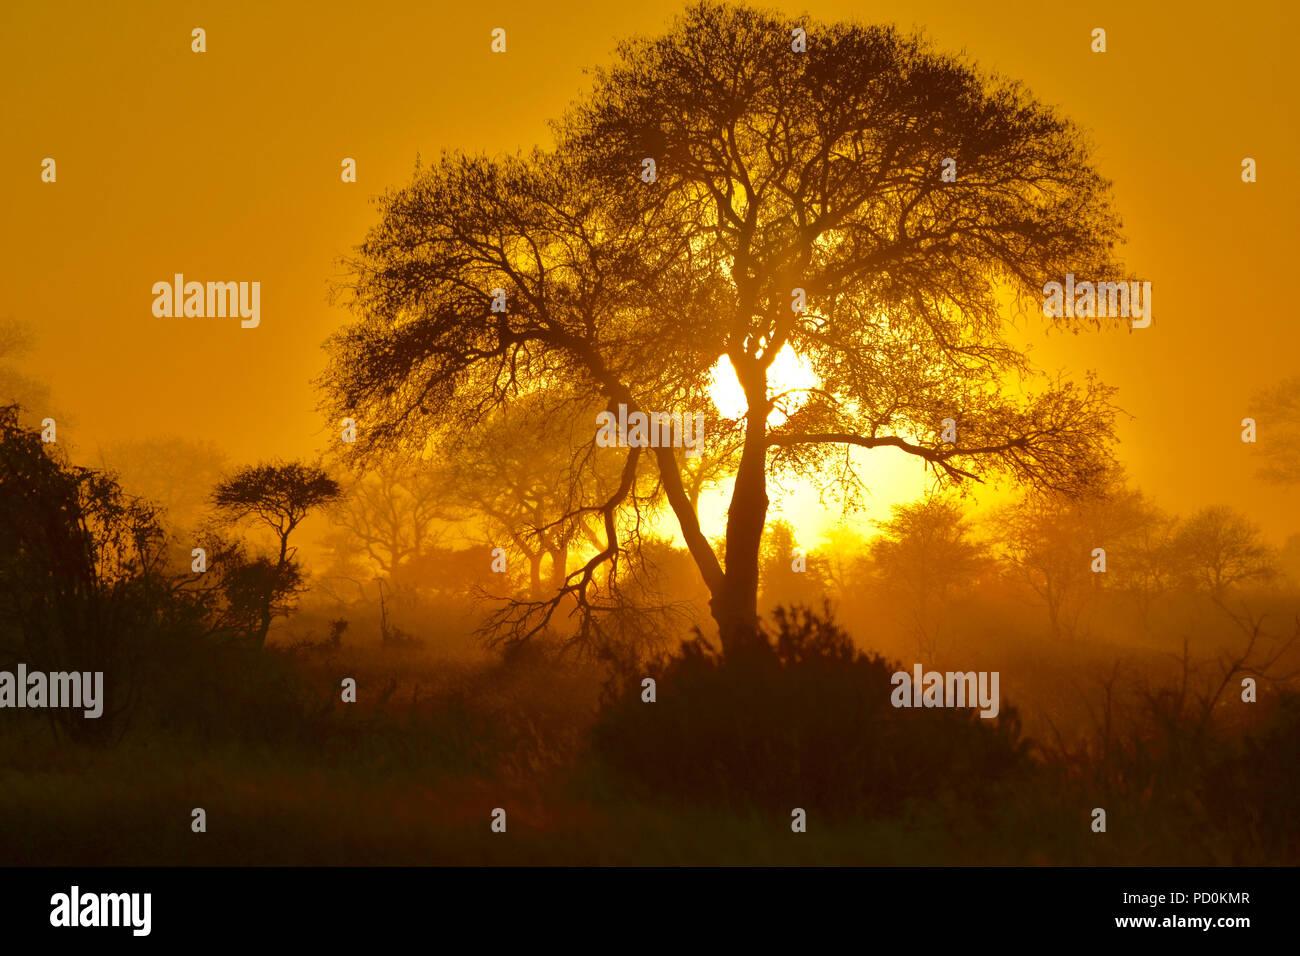 Südafrika, ein fantastisches Reiseziel Dritter und Erster Welt gemeinsam zu erleben. Ethereal Sonnenaufgang am nebligen Morgen im Krüger National Park. Stockbild